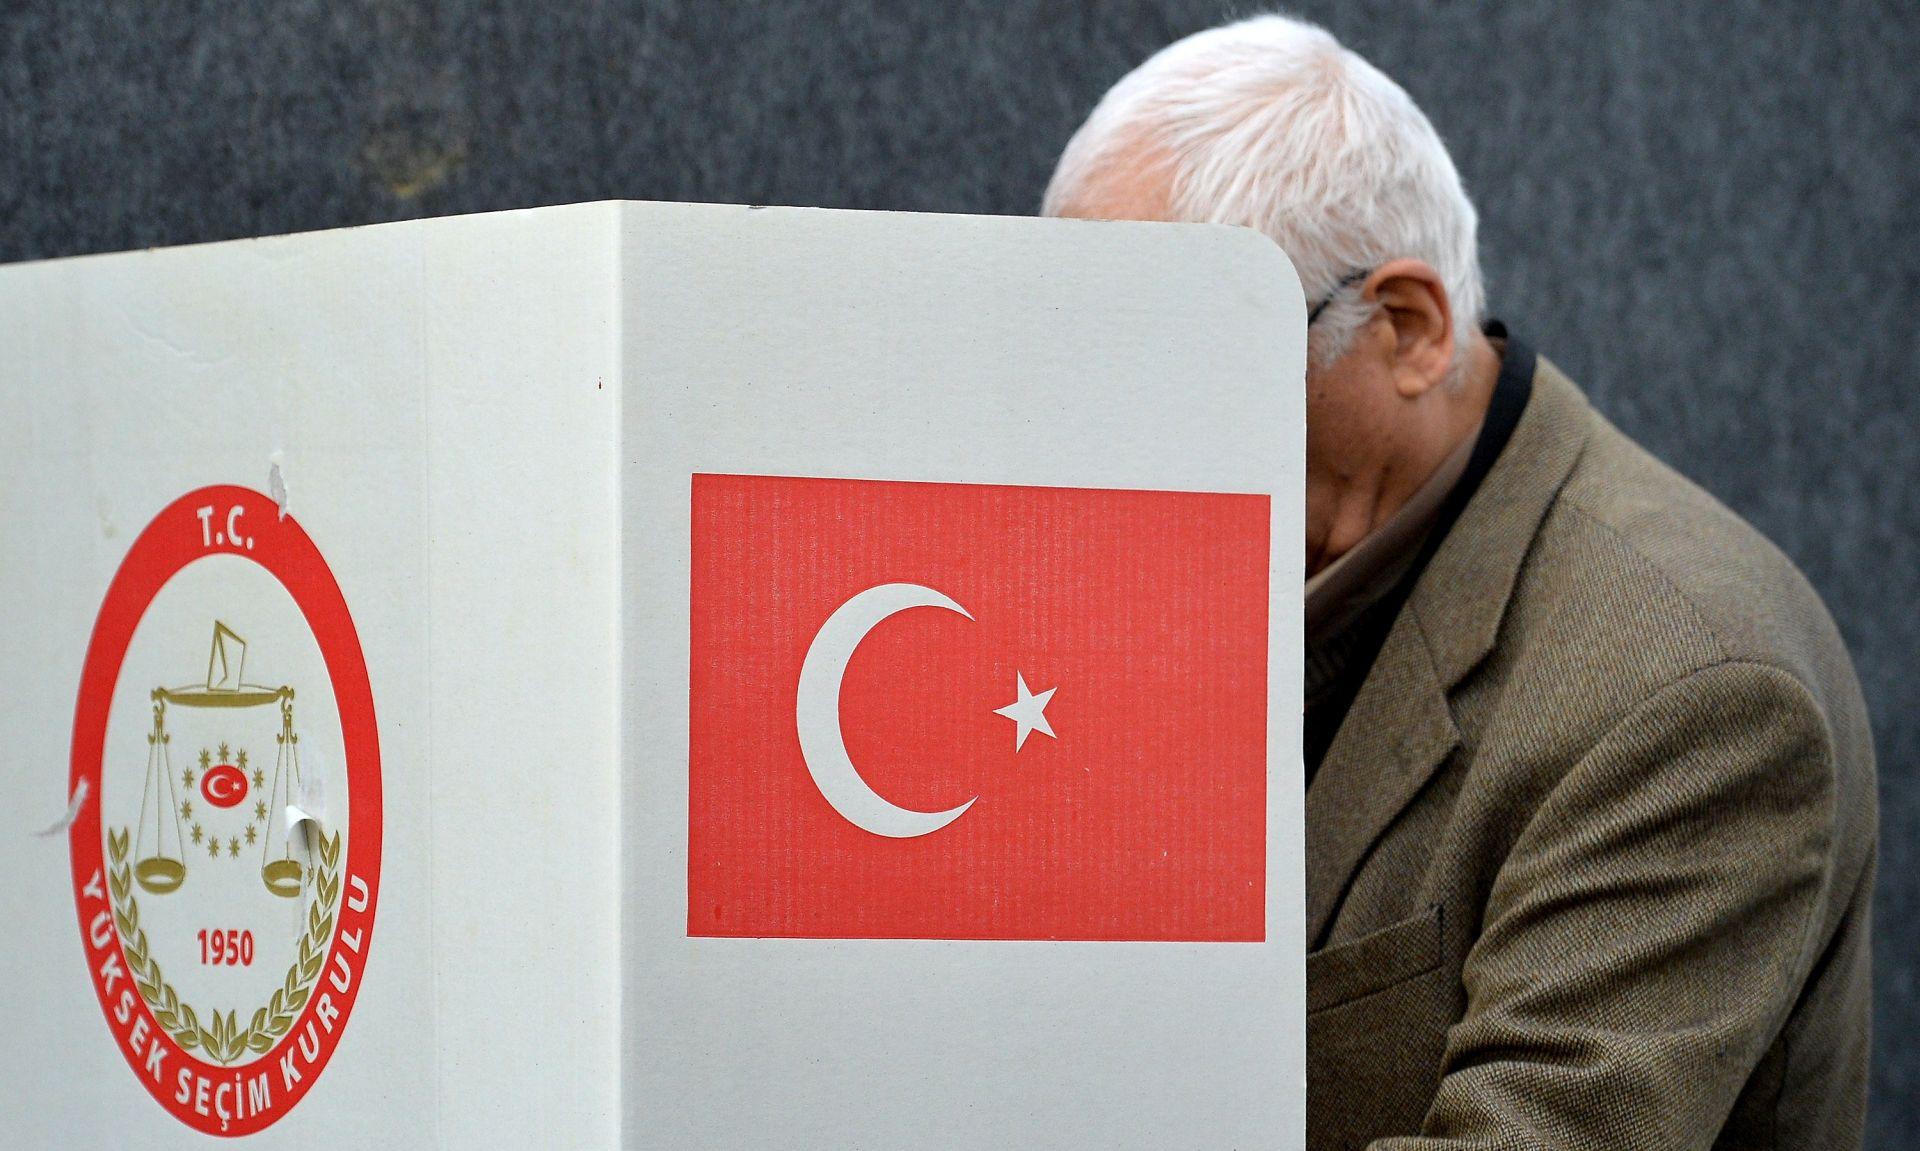 Turci u Europi počeli glasovati na referendumu o Erdoganovim ovlastima